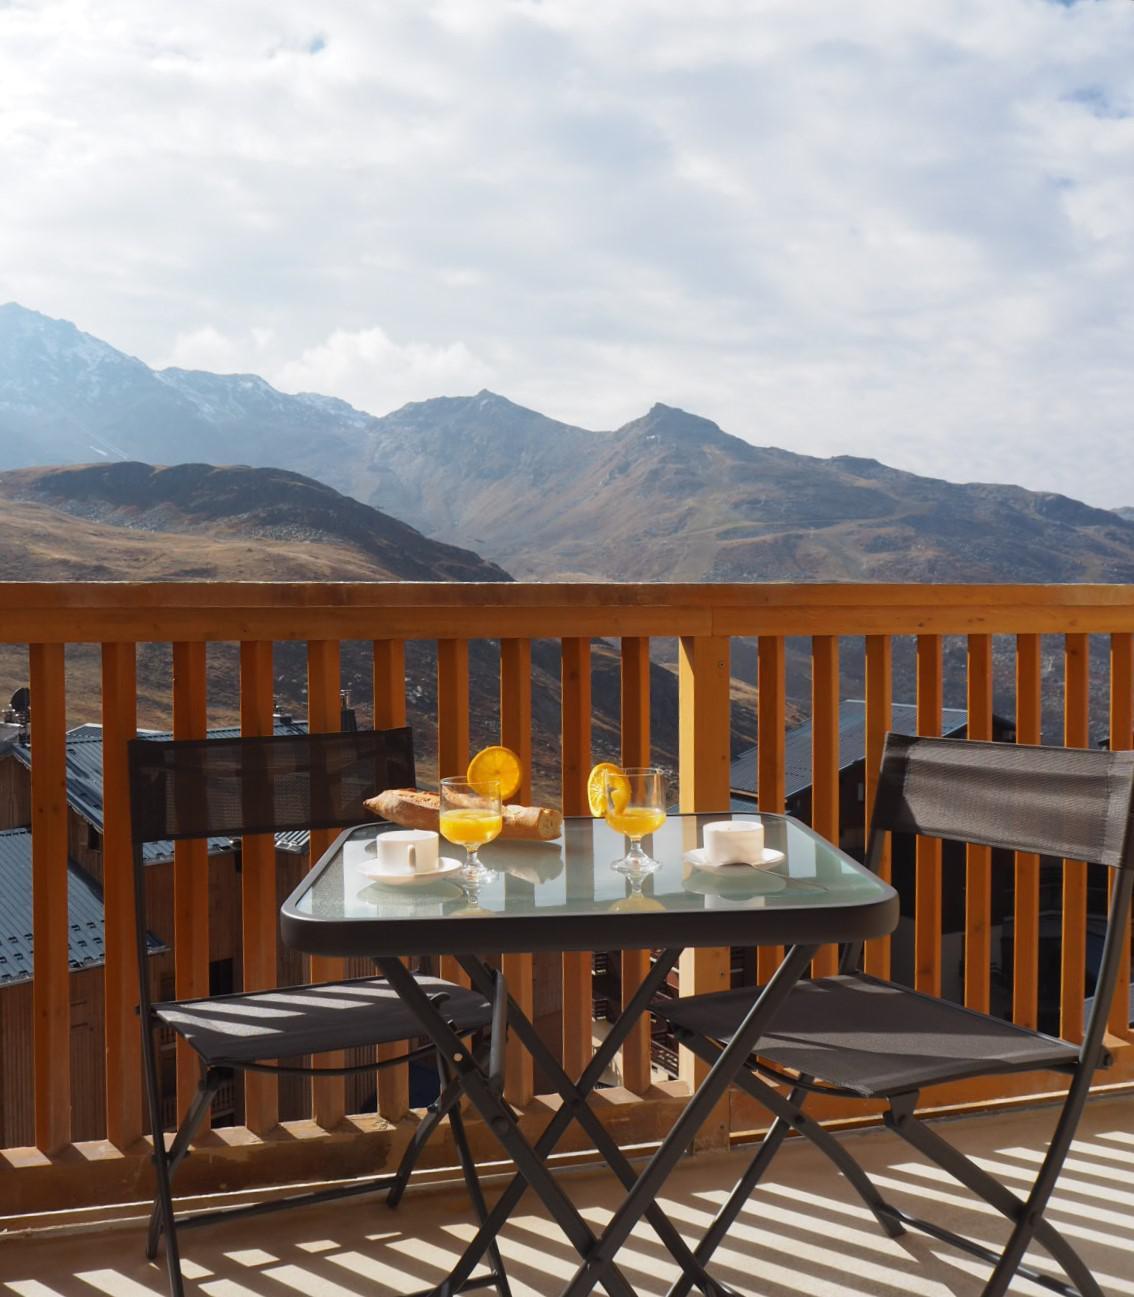 Location au ski Studio 3 personnes (2604) - Residence Cimes De Caron - Val Thorens - Tv à écran plat